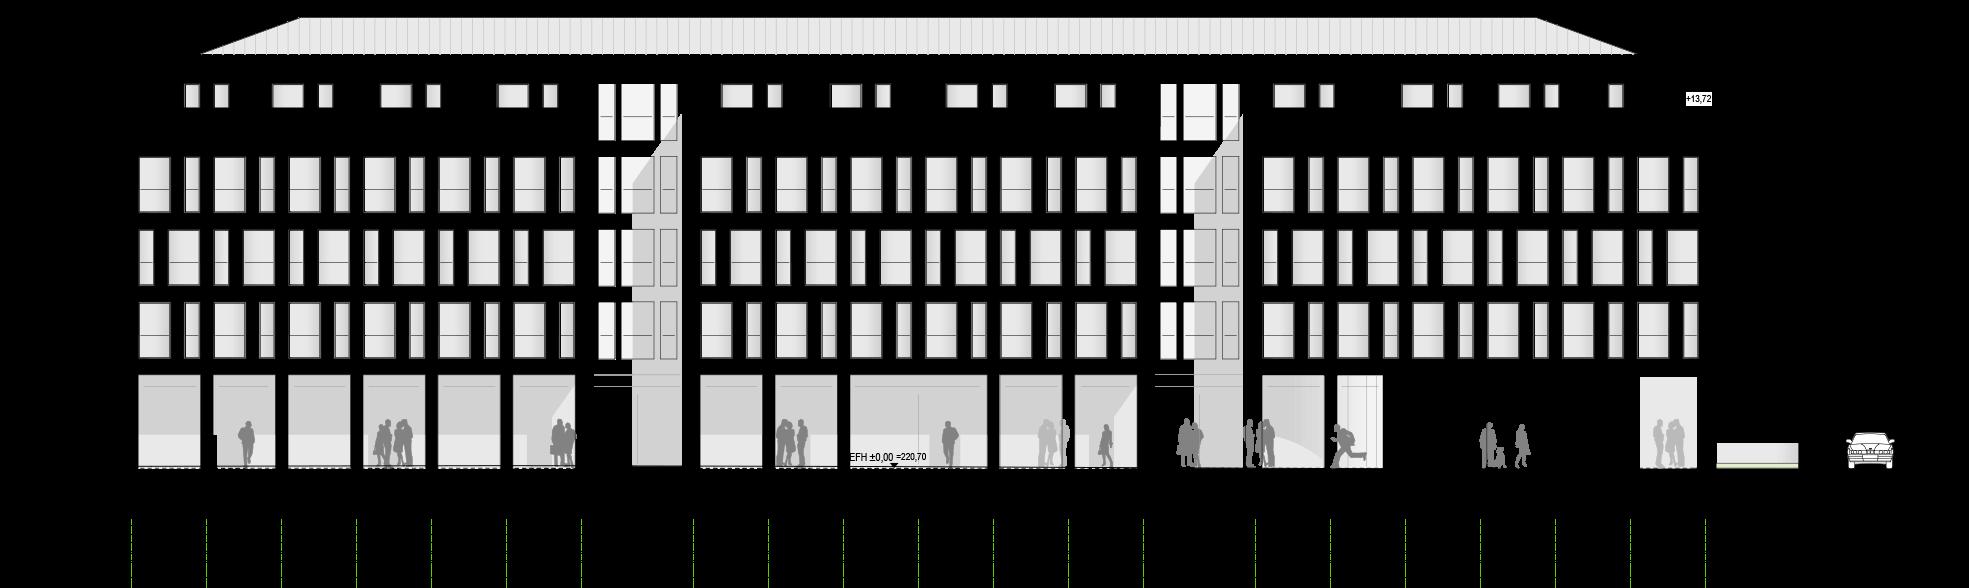 Referenz PlanQuadrat | Süd-Ansicht des Motel One in Badstraße, Stuttgart